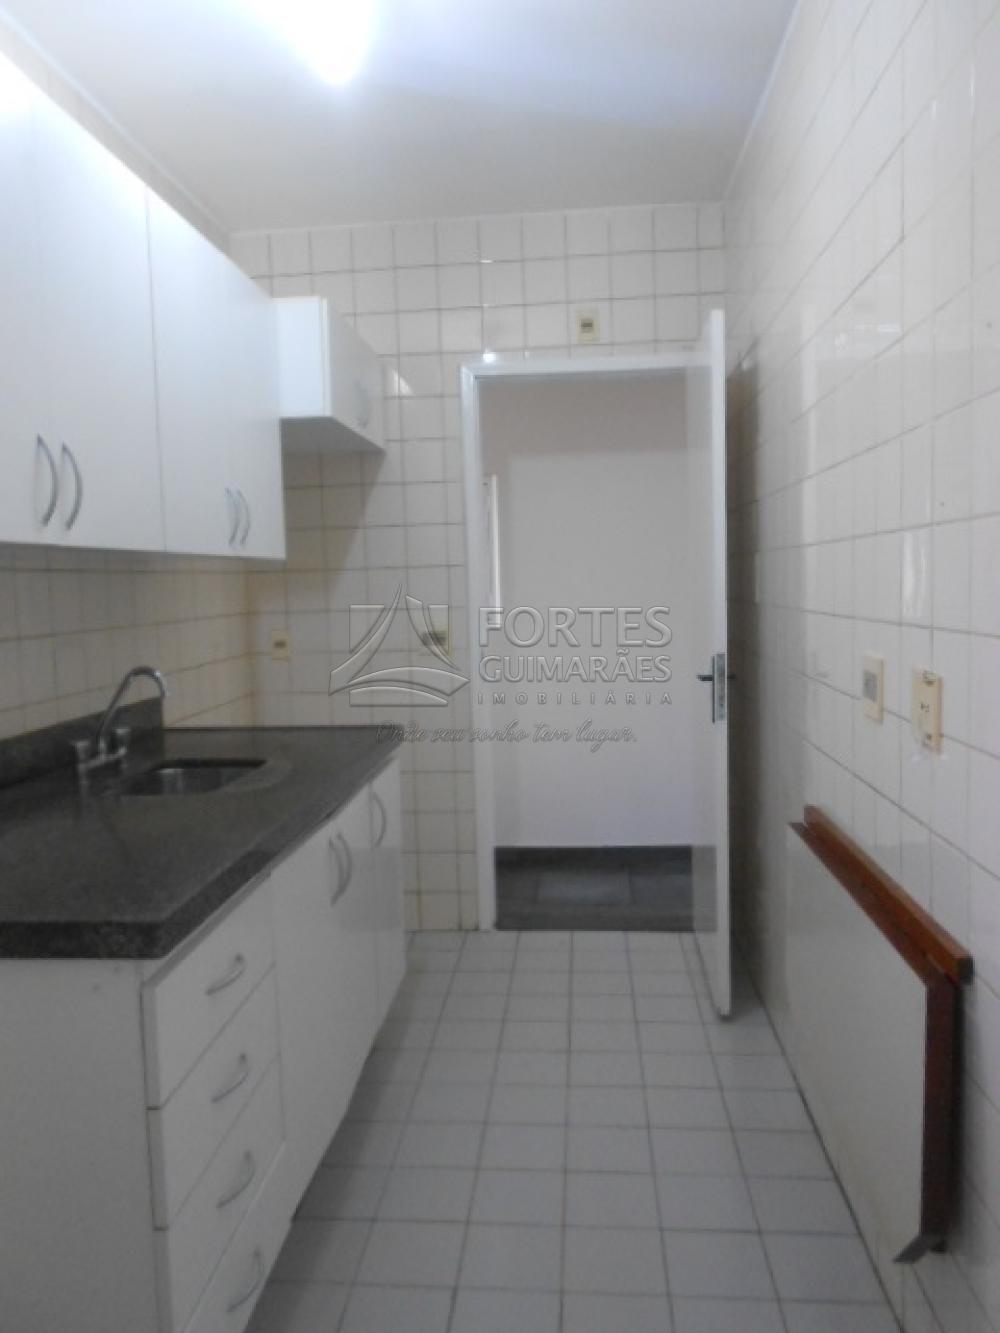 Alugar Apartamentos / Padrão em Ribeirão Preto apenas R$ 1.200,00 - Foto 30